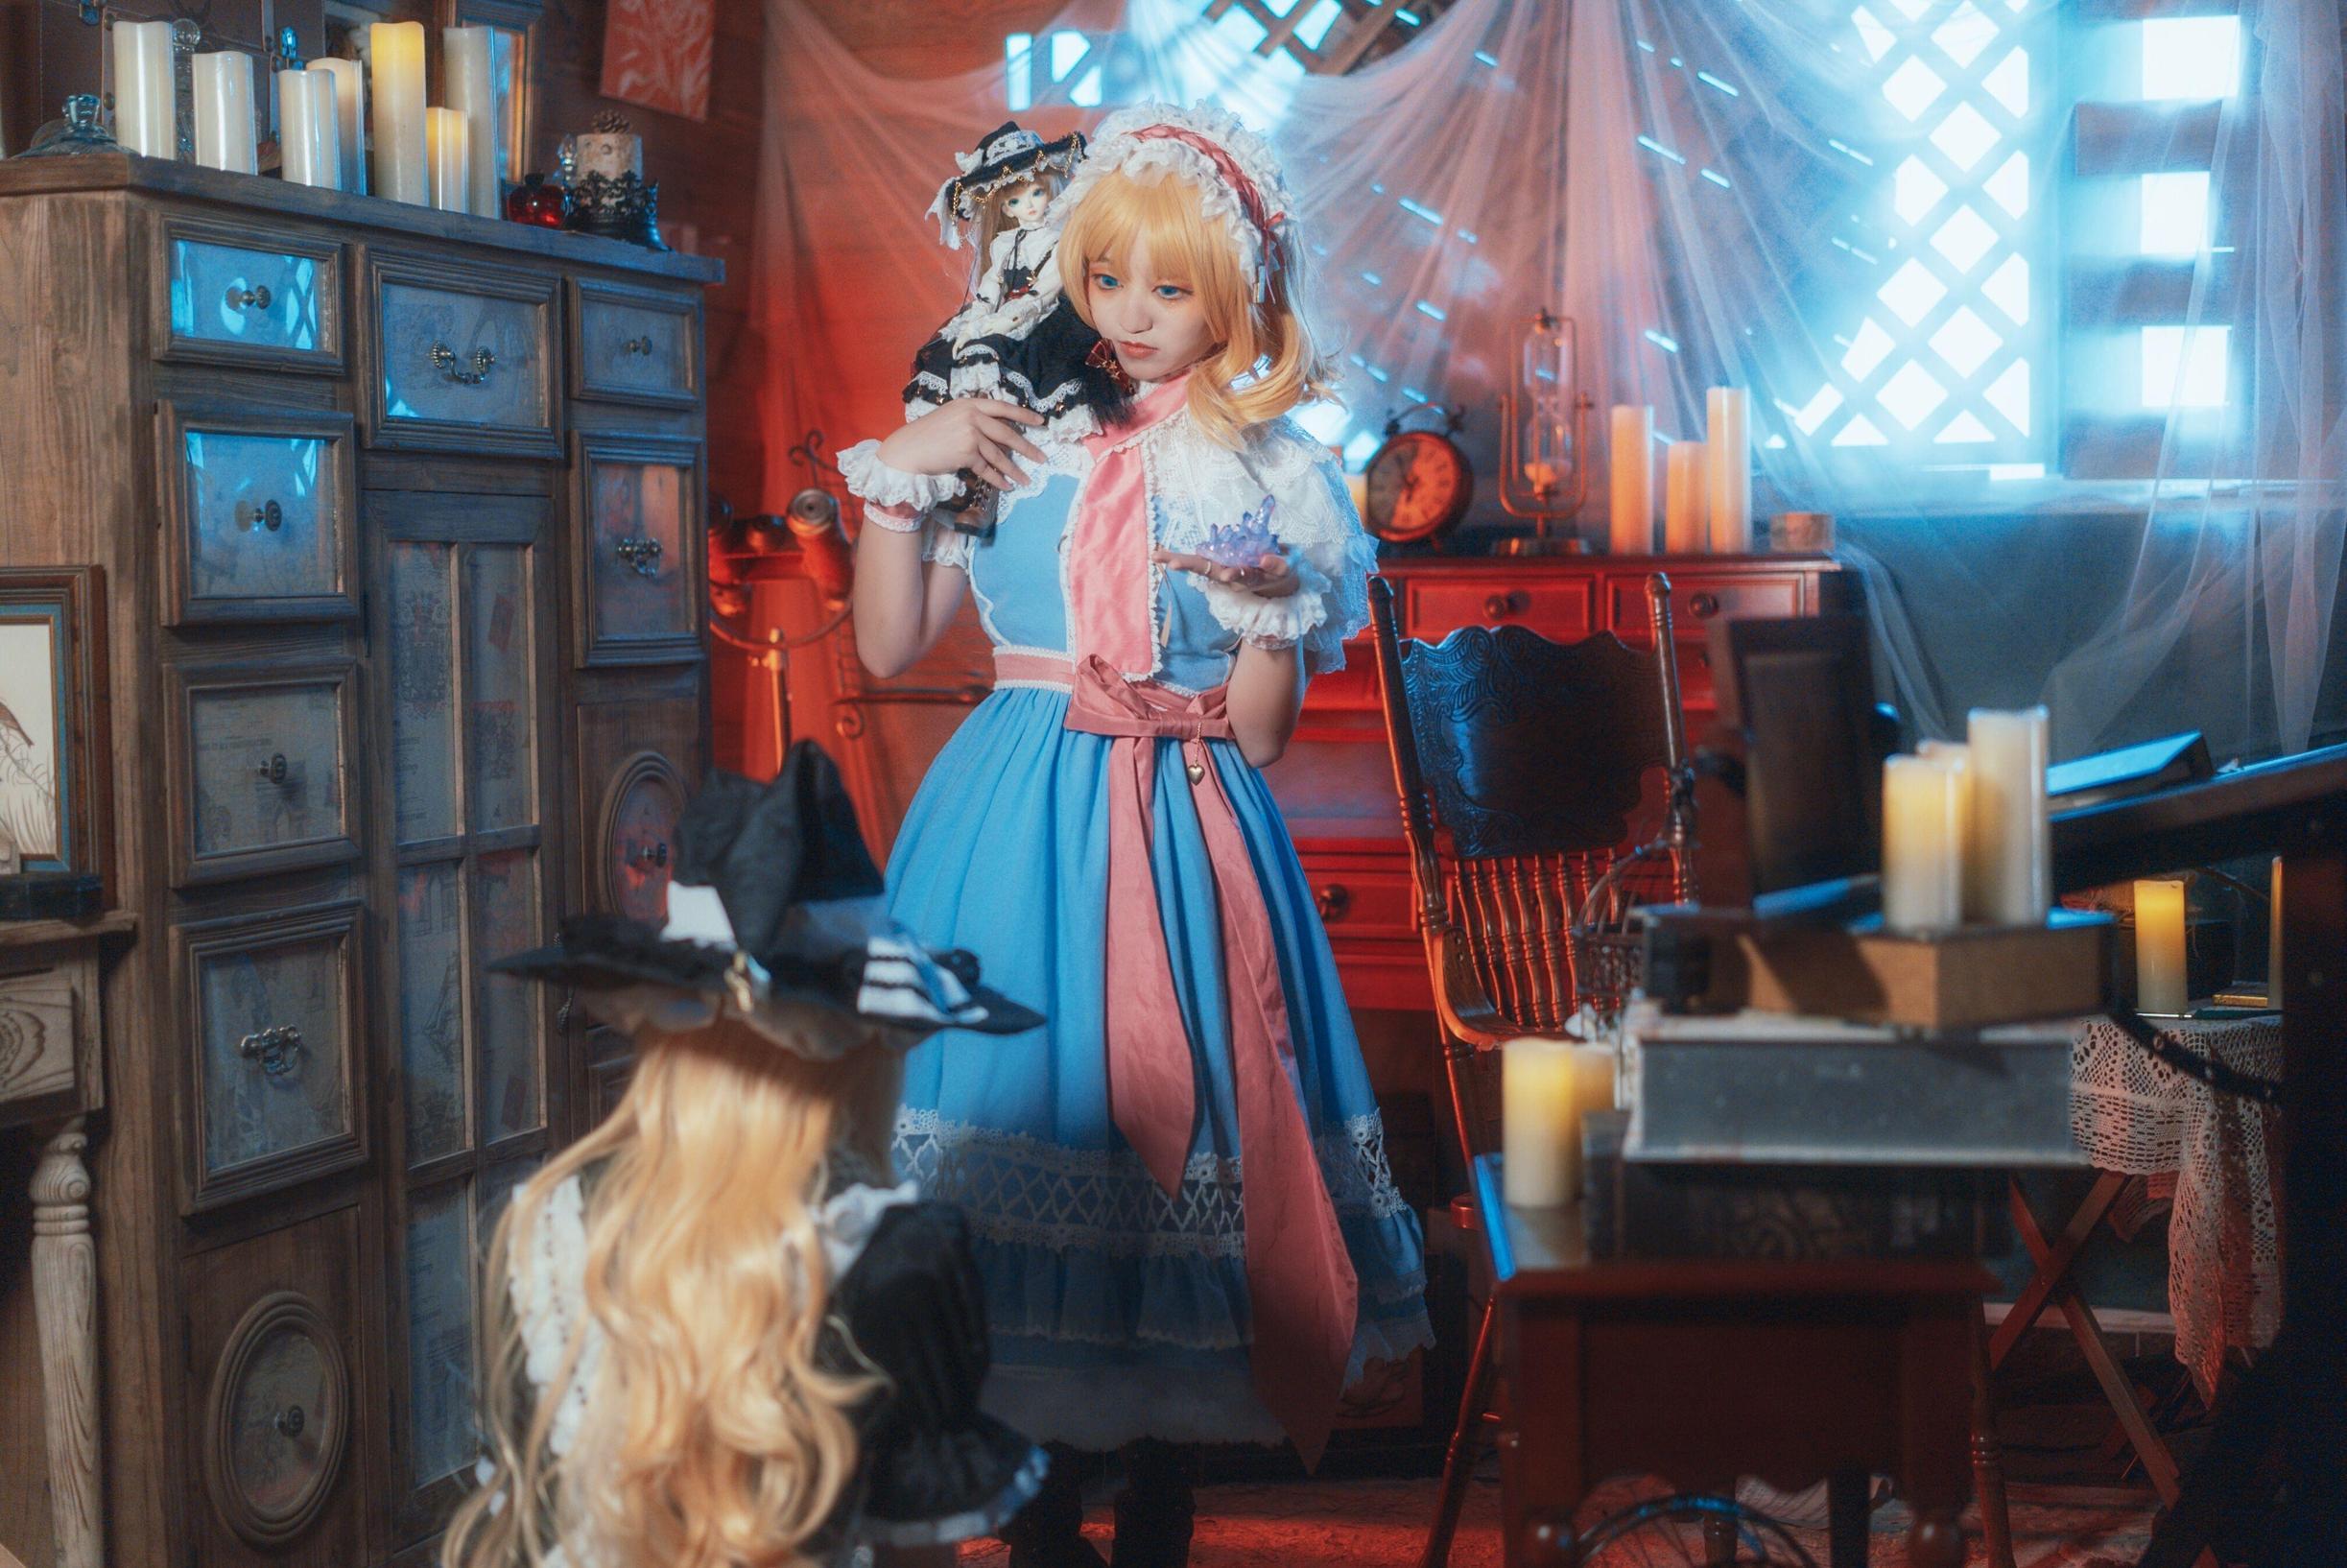 《东方PROJECT》正片cosplay【CN:歌梨】 -7重cosplay女装图片插图